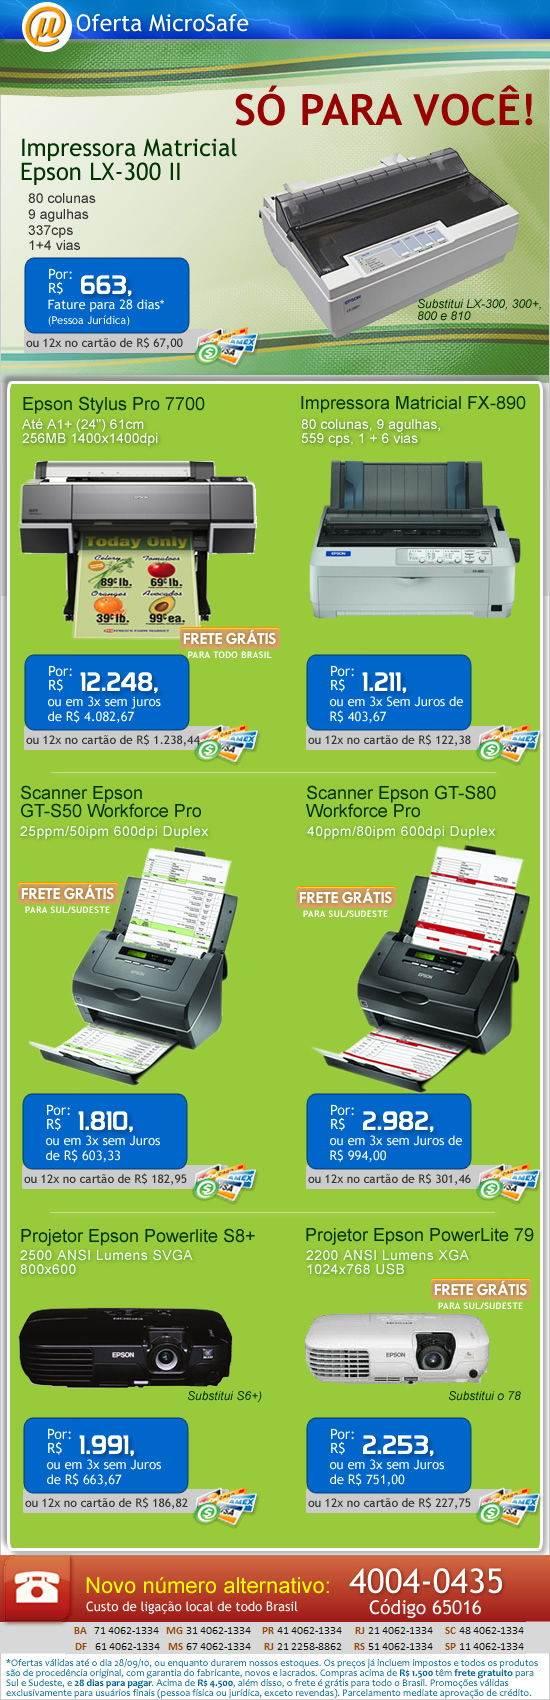 Impressora matricial Epson com pre�o especial!